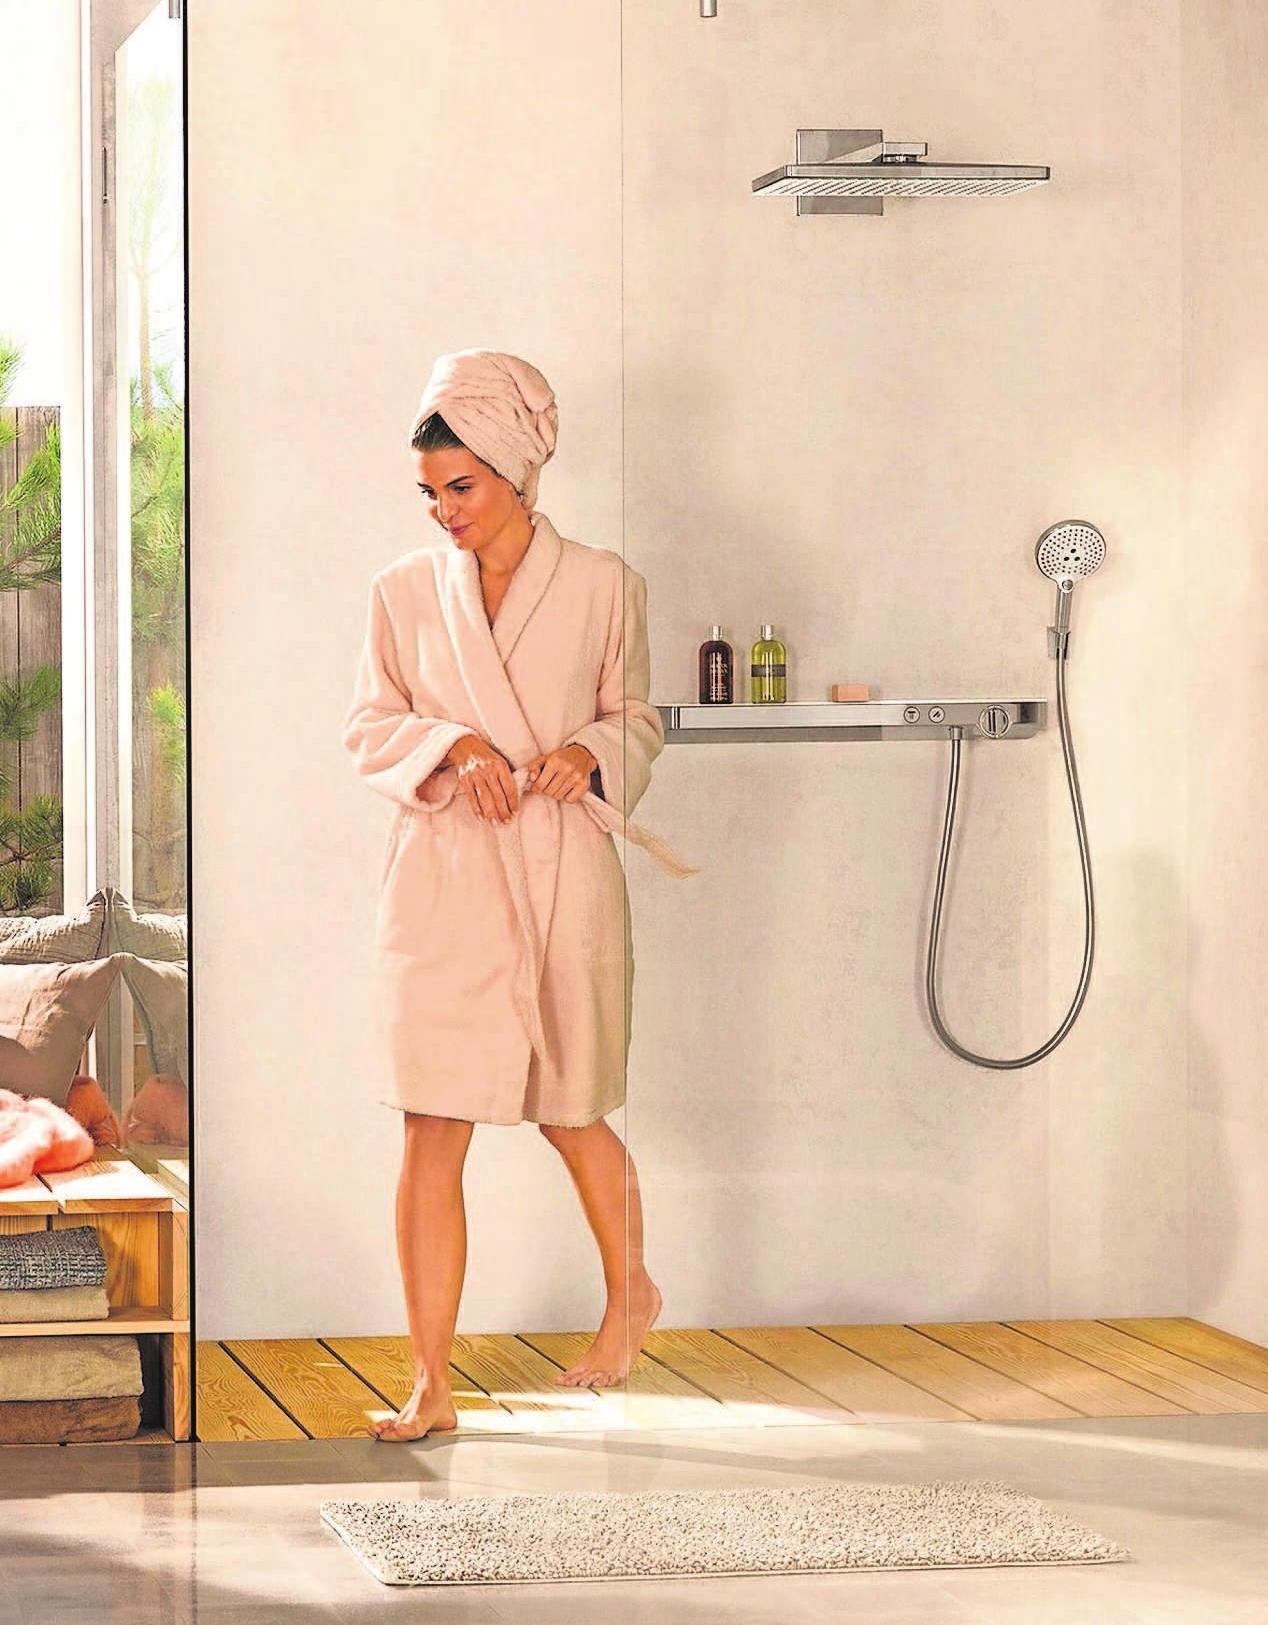 Die neu entwickelten Duschbakinen bieten Menschen aller Altersgruppen größtmöglichen Komfort. Auch sind die barrierefreien Duschen nicht wirklich eine Frage des Alters, sondern vielmehr auch eine Frage der Ästhetik und des Designs.